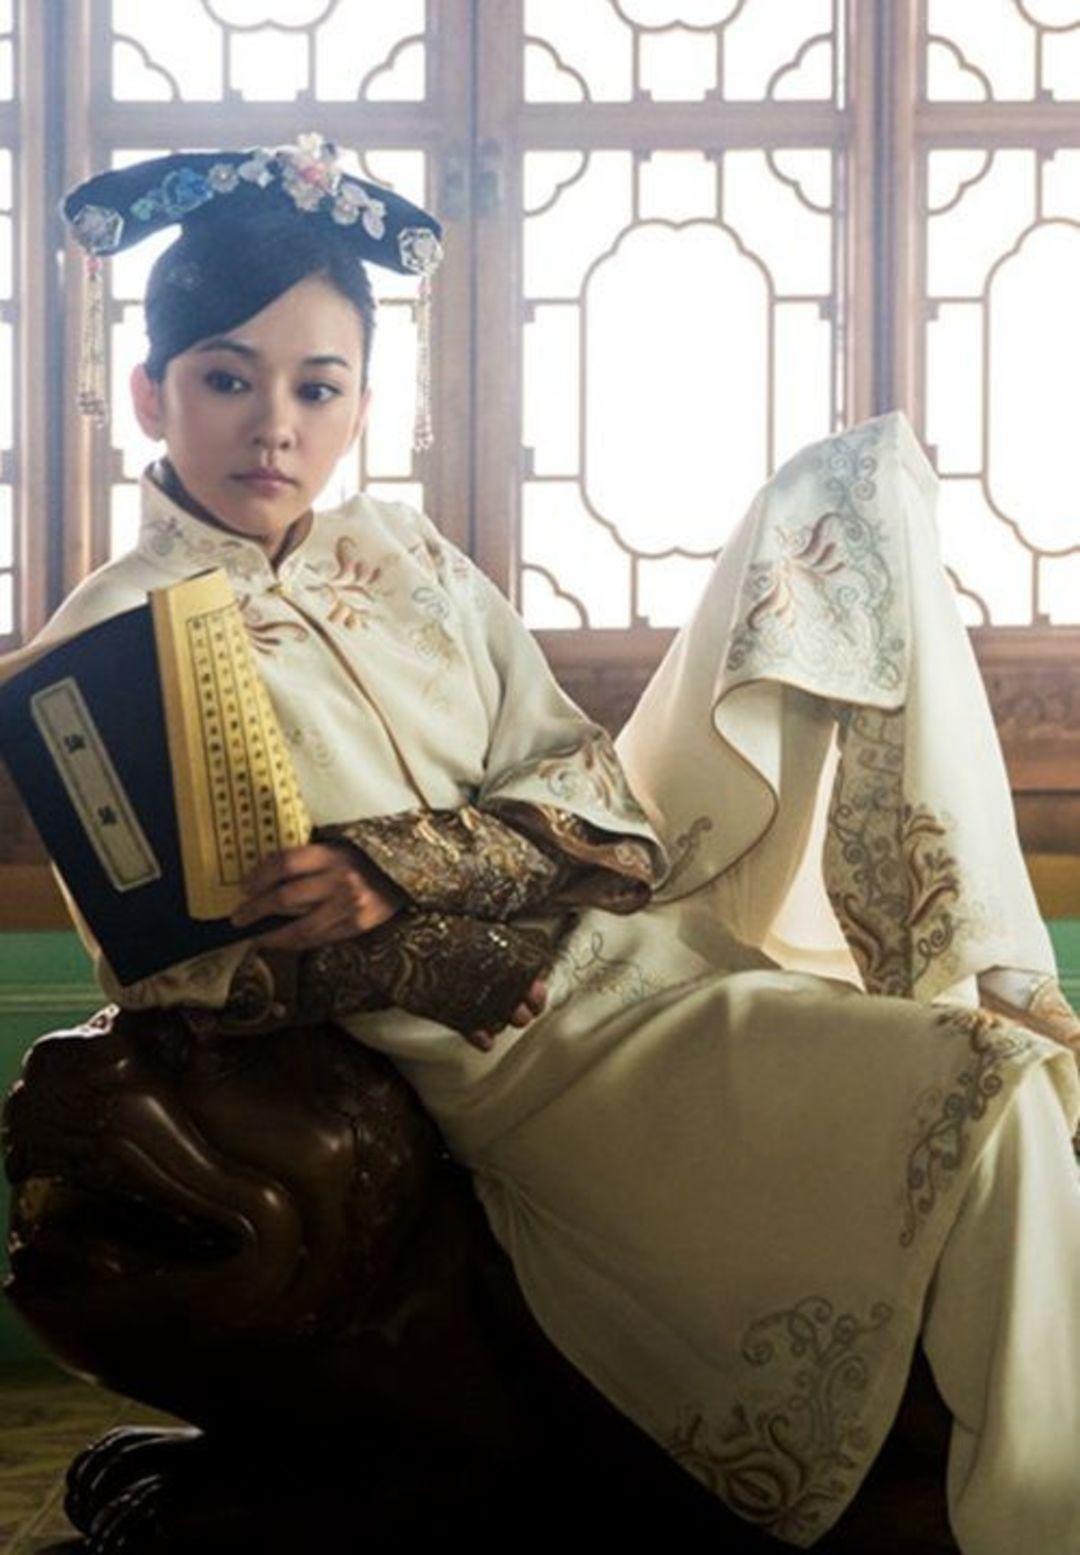 「本周新片」《破风》是今年最好的青春片_娱乐_好奇心日报